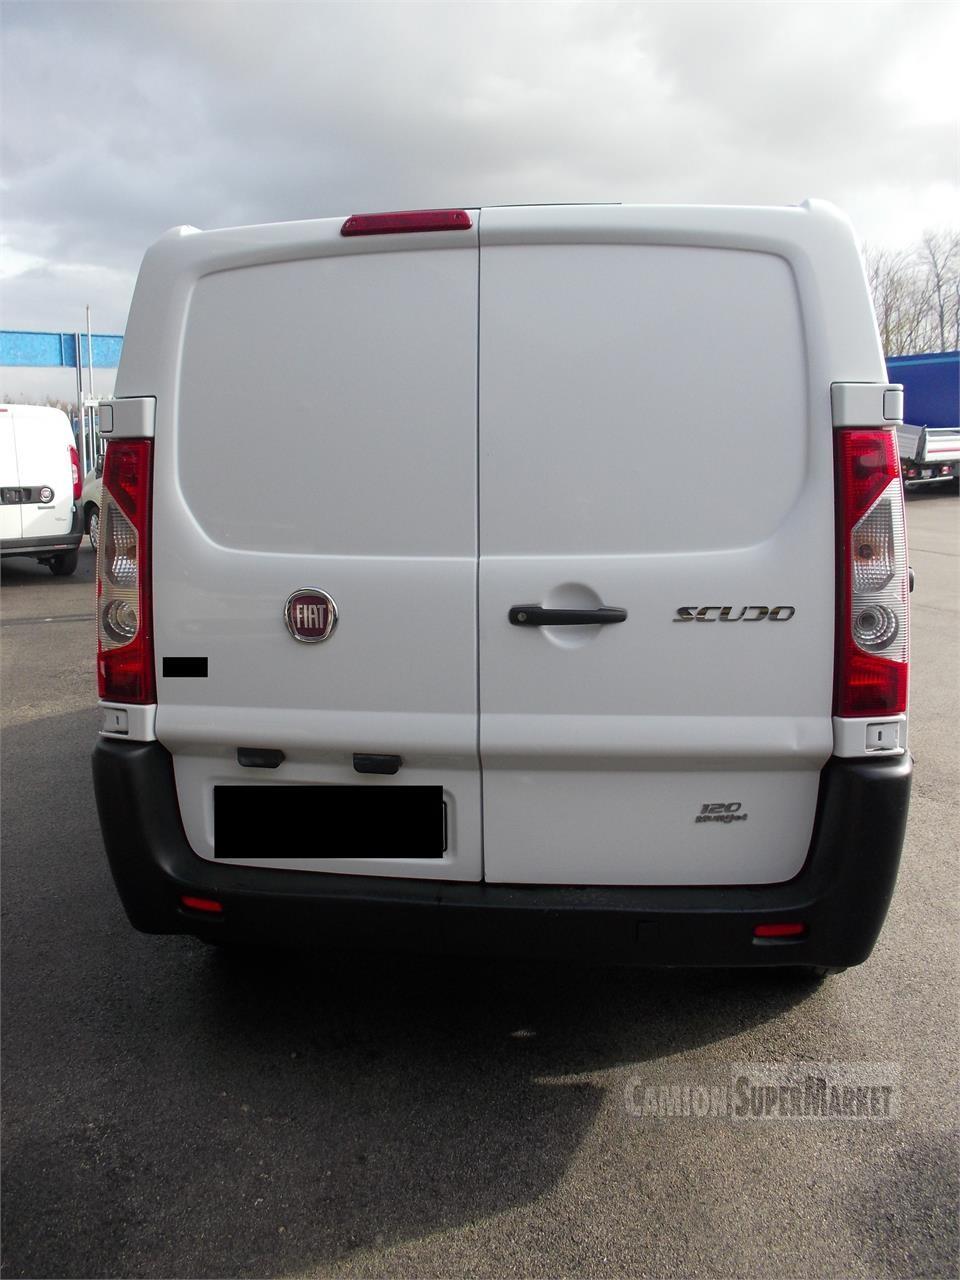 Fiat SCUDO Uzywany 2012 Campania